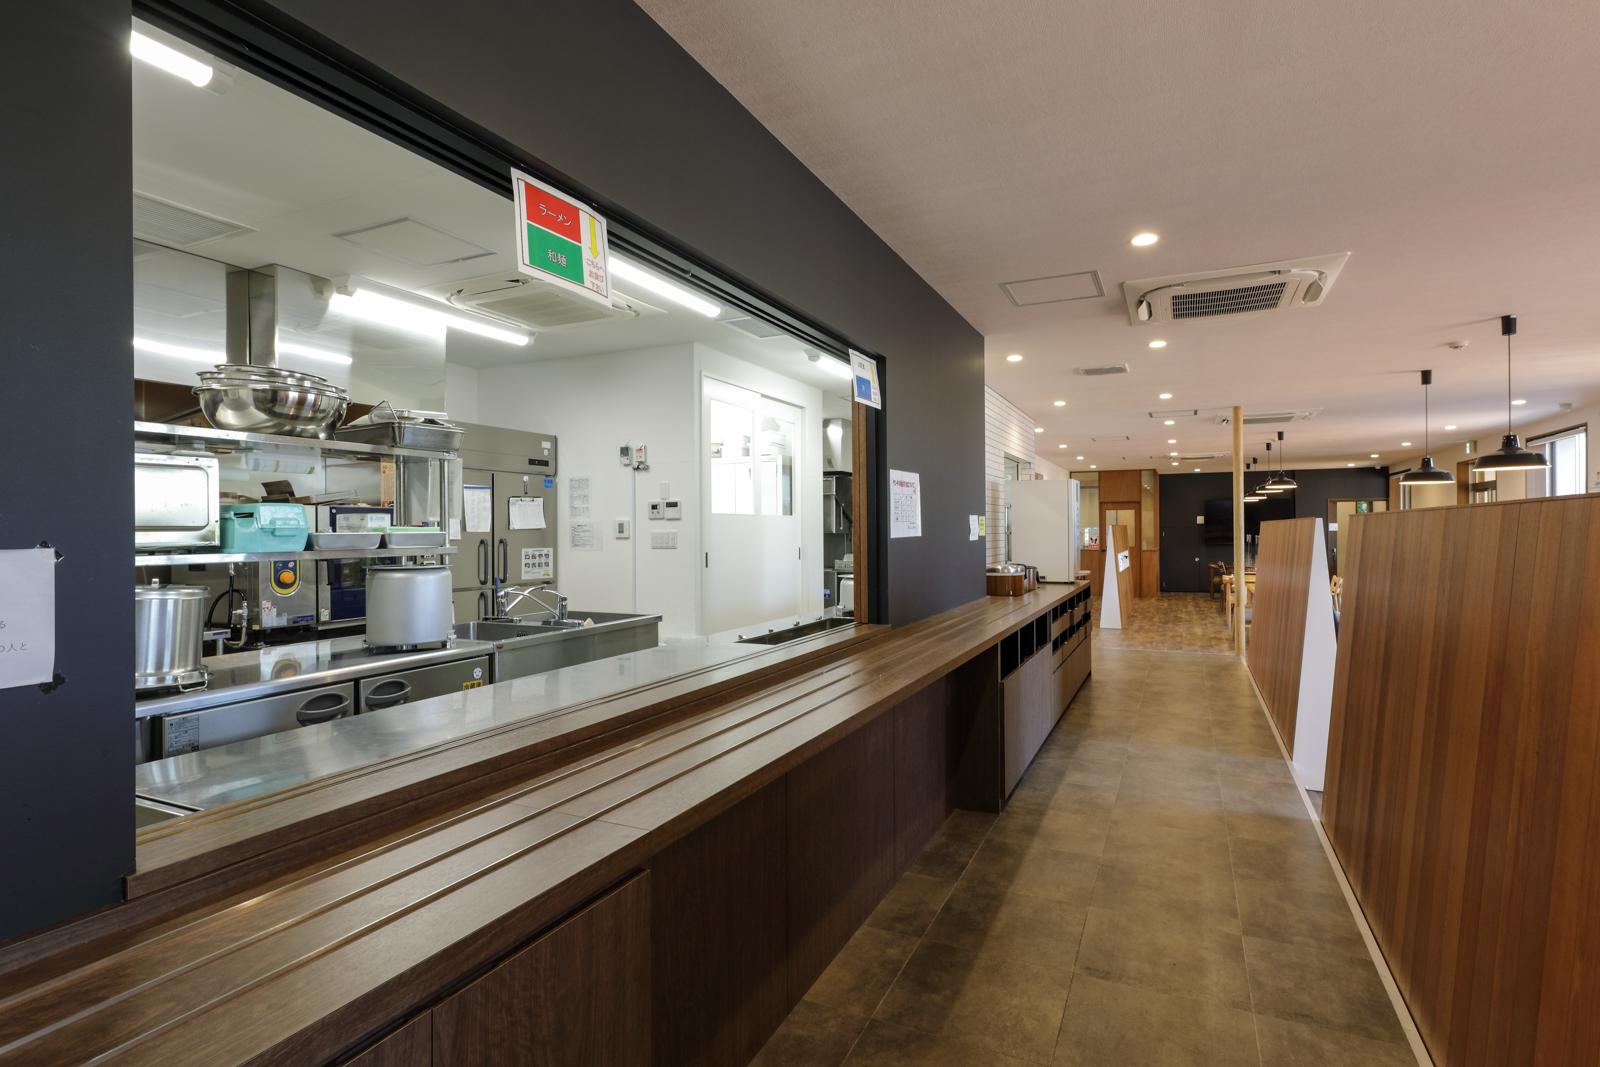 弥彦社員食堂:従業員の健康を守るため、栄養バランスにも配慮した4種類のメニューが自慢である食堂を利用してもらうことで体調不良を予防し、より良いパフォーマンスを発揮できるようにサポートします。